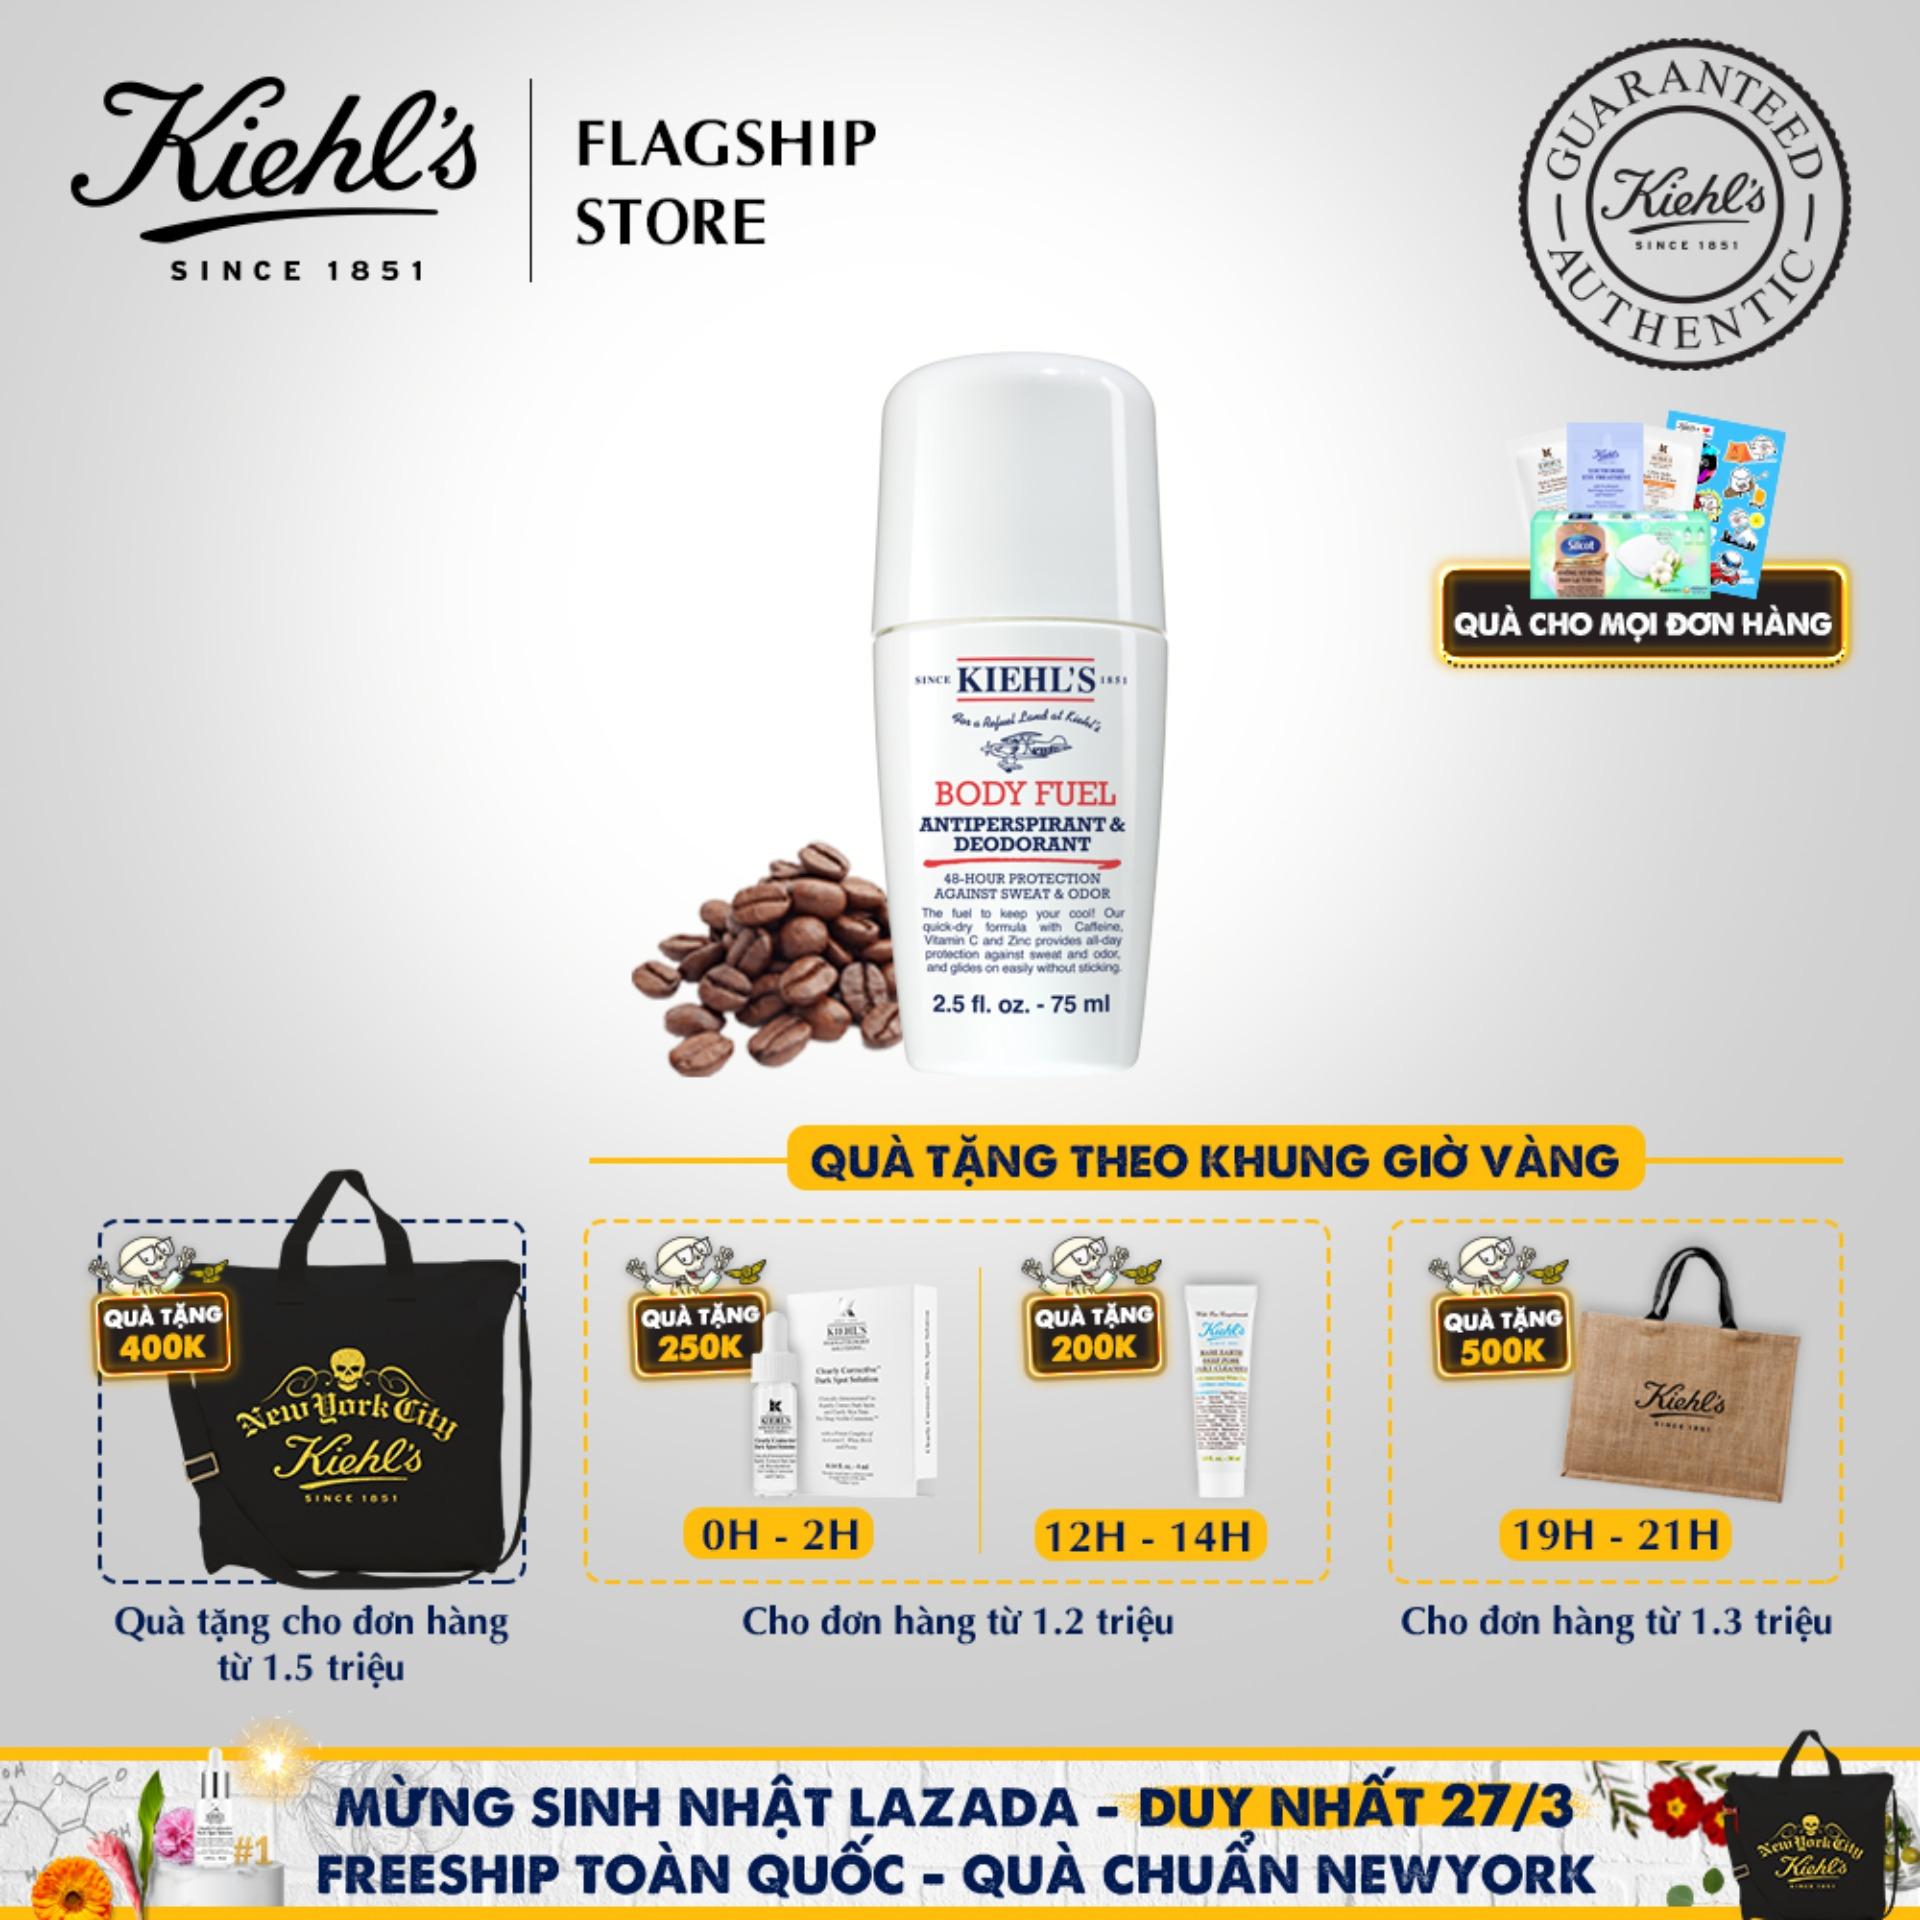 Lăn Khử Mùi và Giảm Mồ Hôi Cho Nam Kiehls Body Fuel Antiperspirant & Deodorant 75ML cao cấp